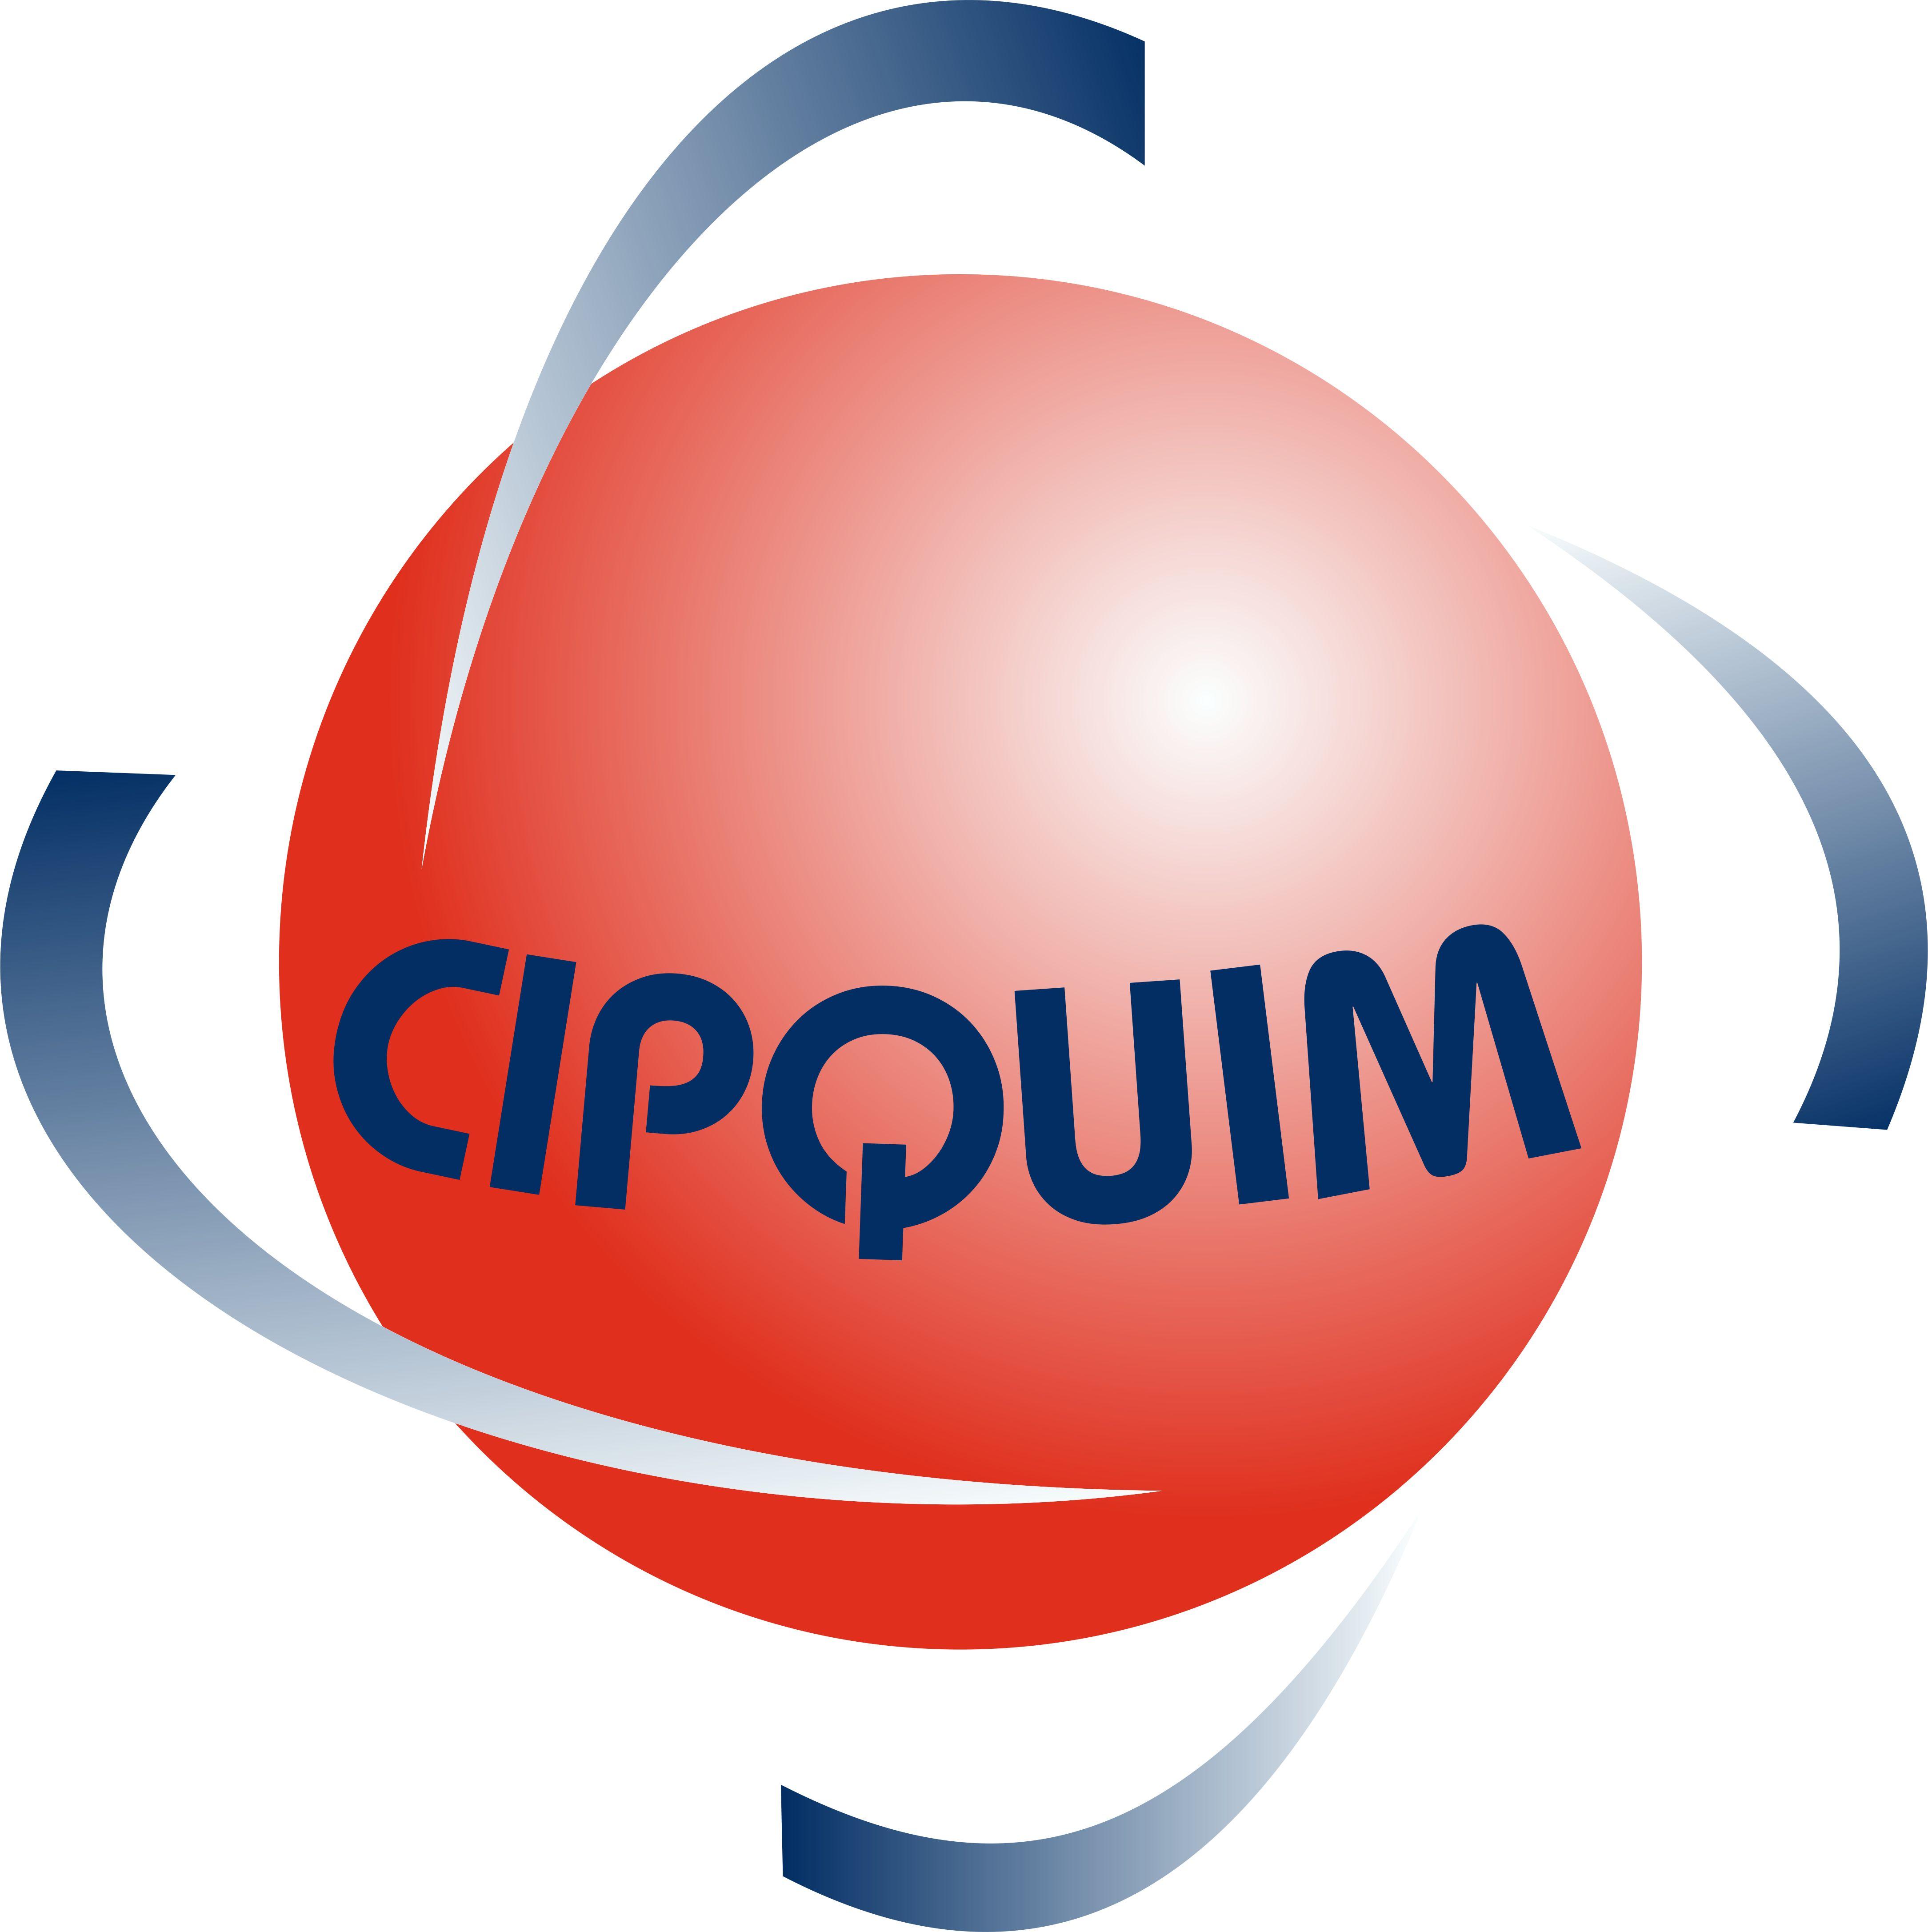 cipquim